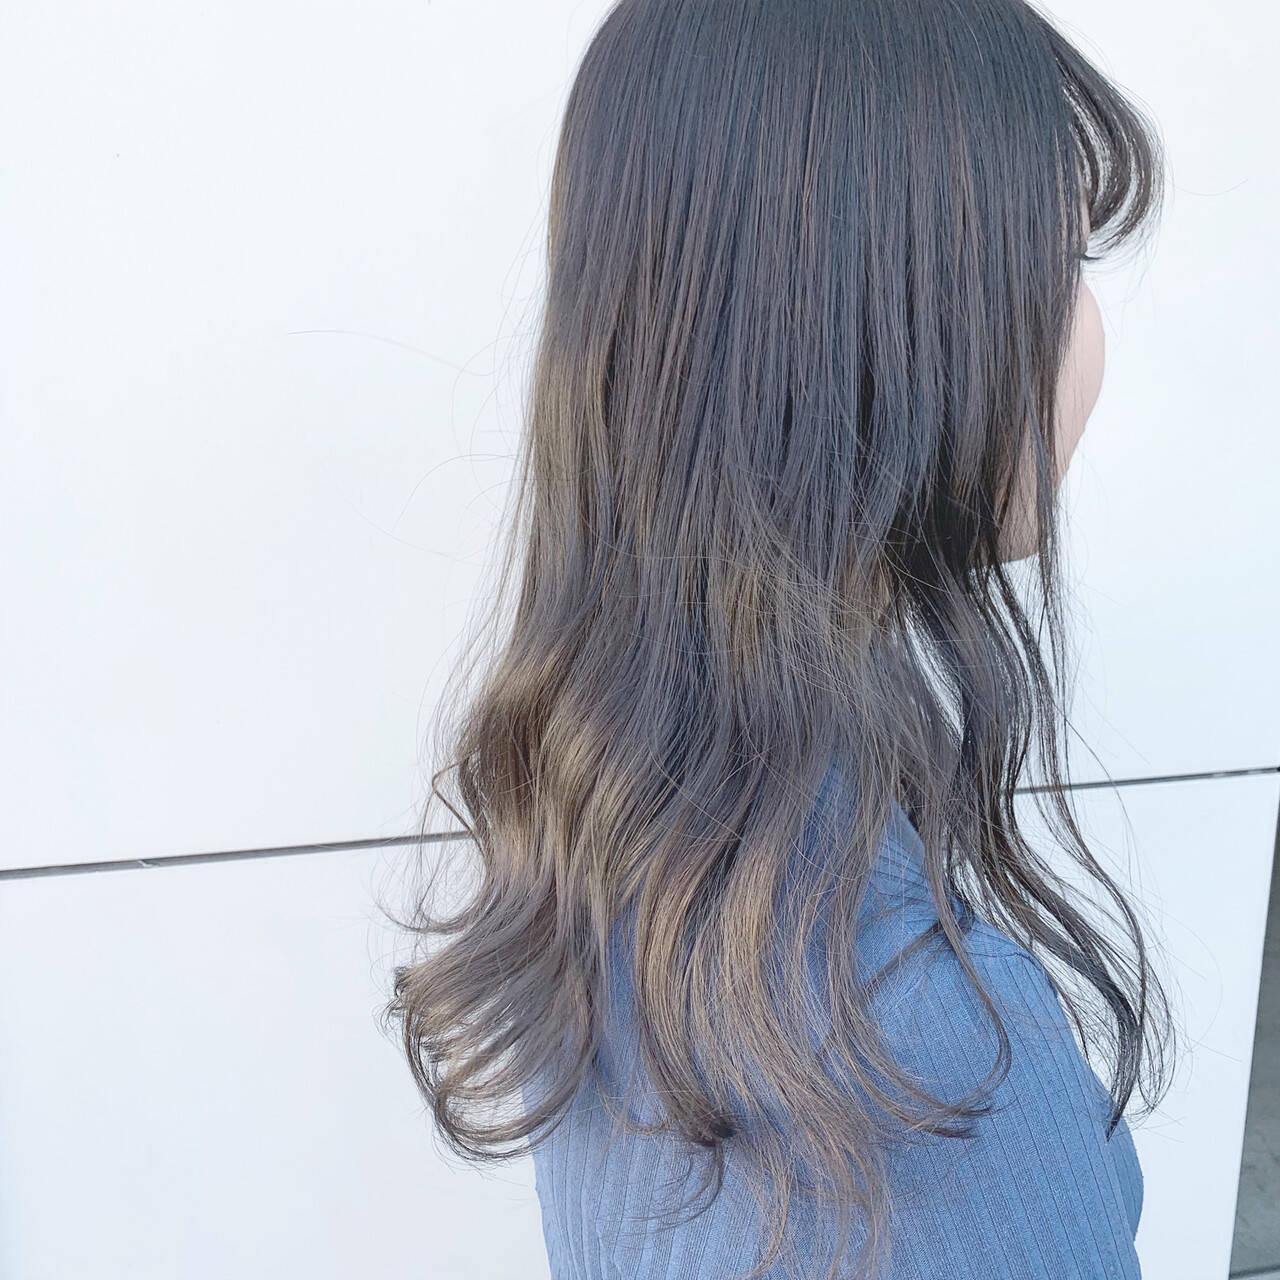 アッシュグレー グラデーションカラー アッシュ ナチュラルヘアスタイルや髪型の写真・画像